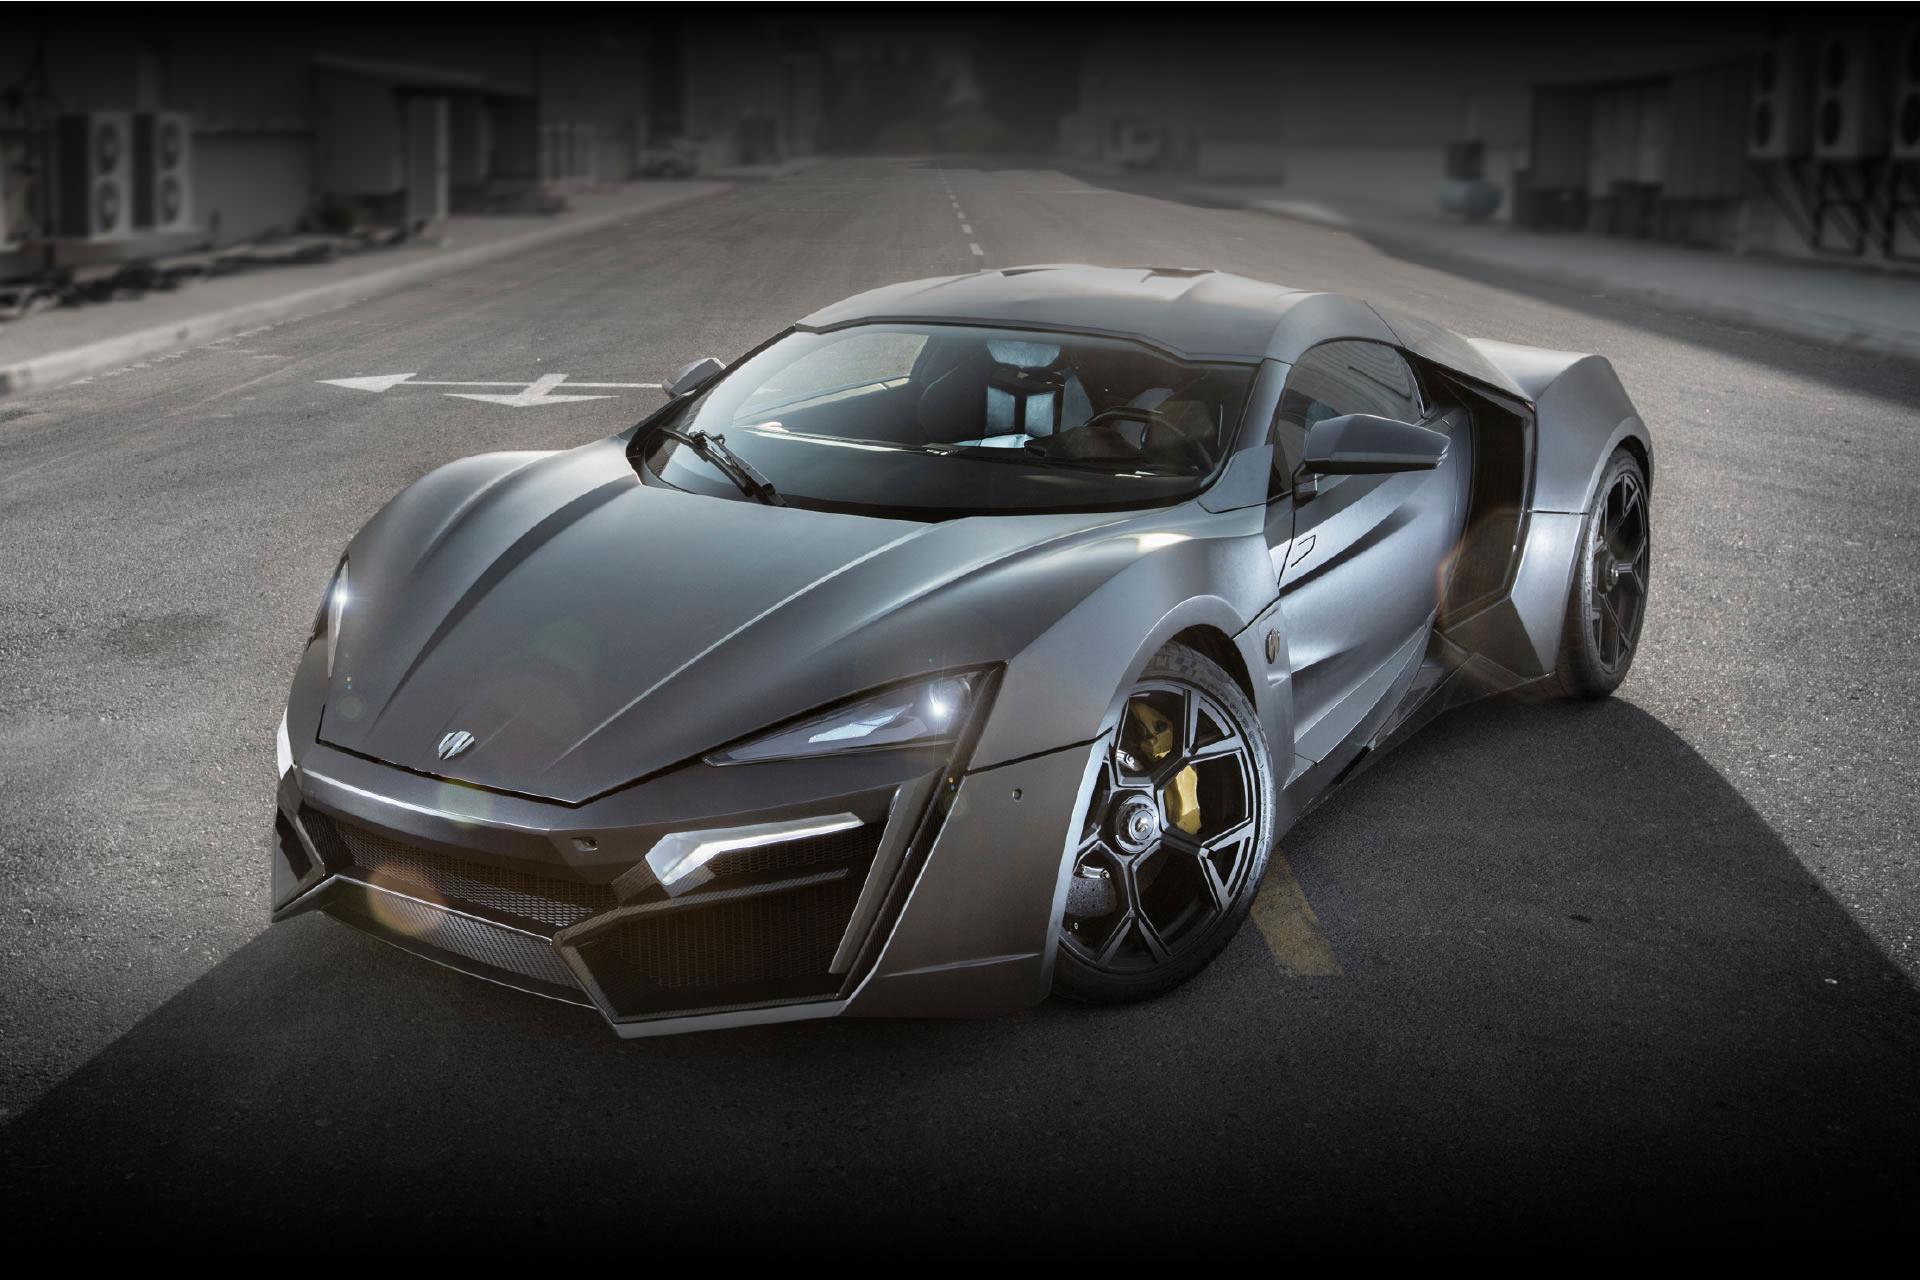 اول سيارة عربية فائقة تحصل على المزيد من القوة